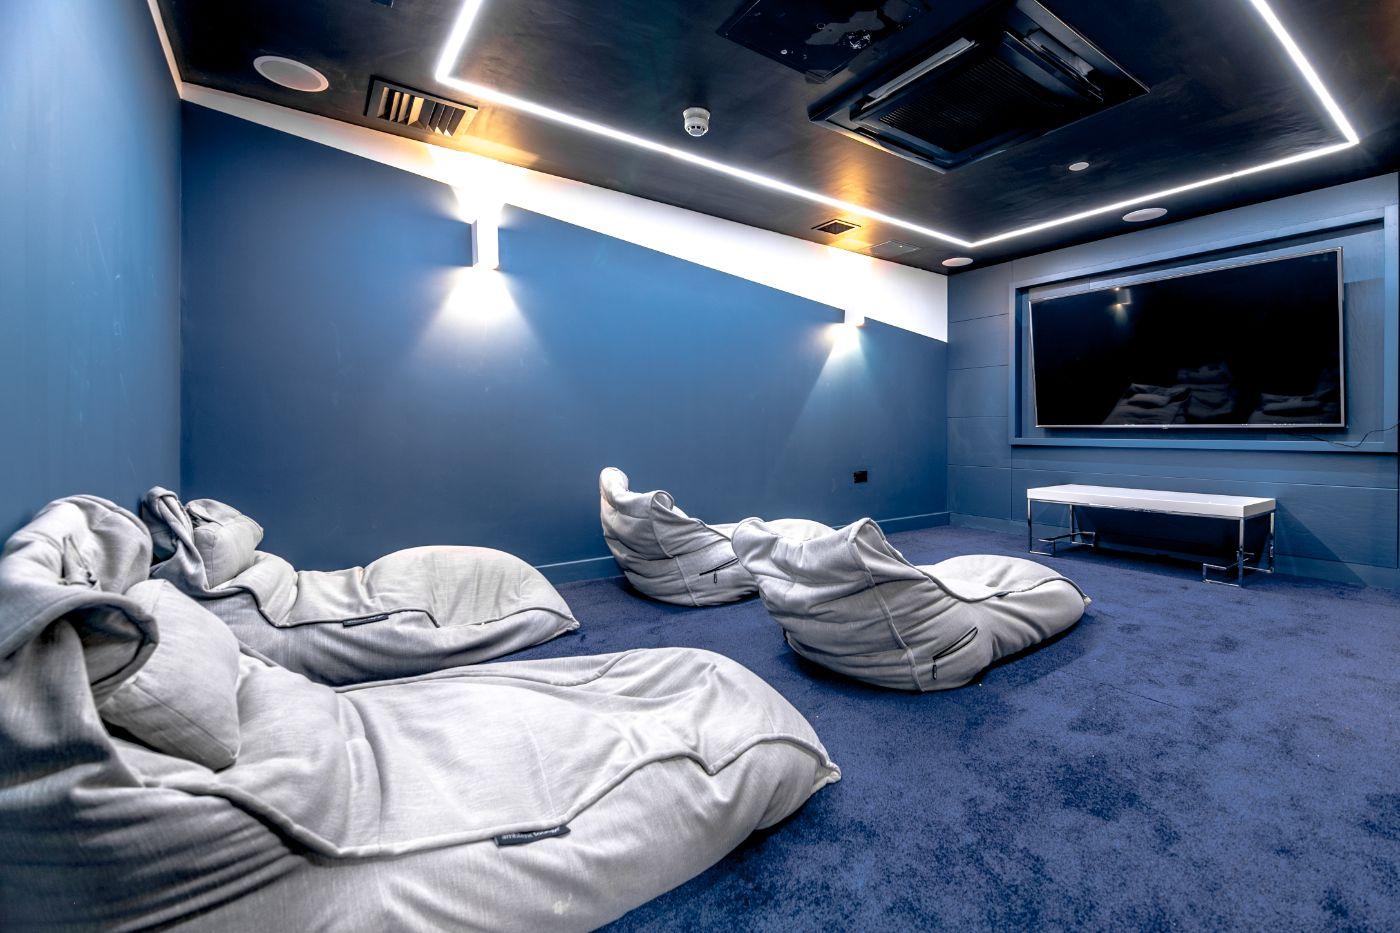 33 Parkside student accommodation cinema